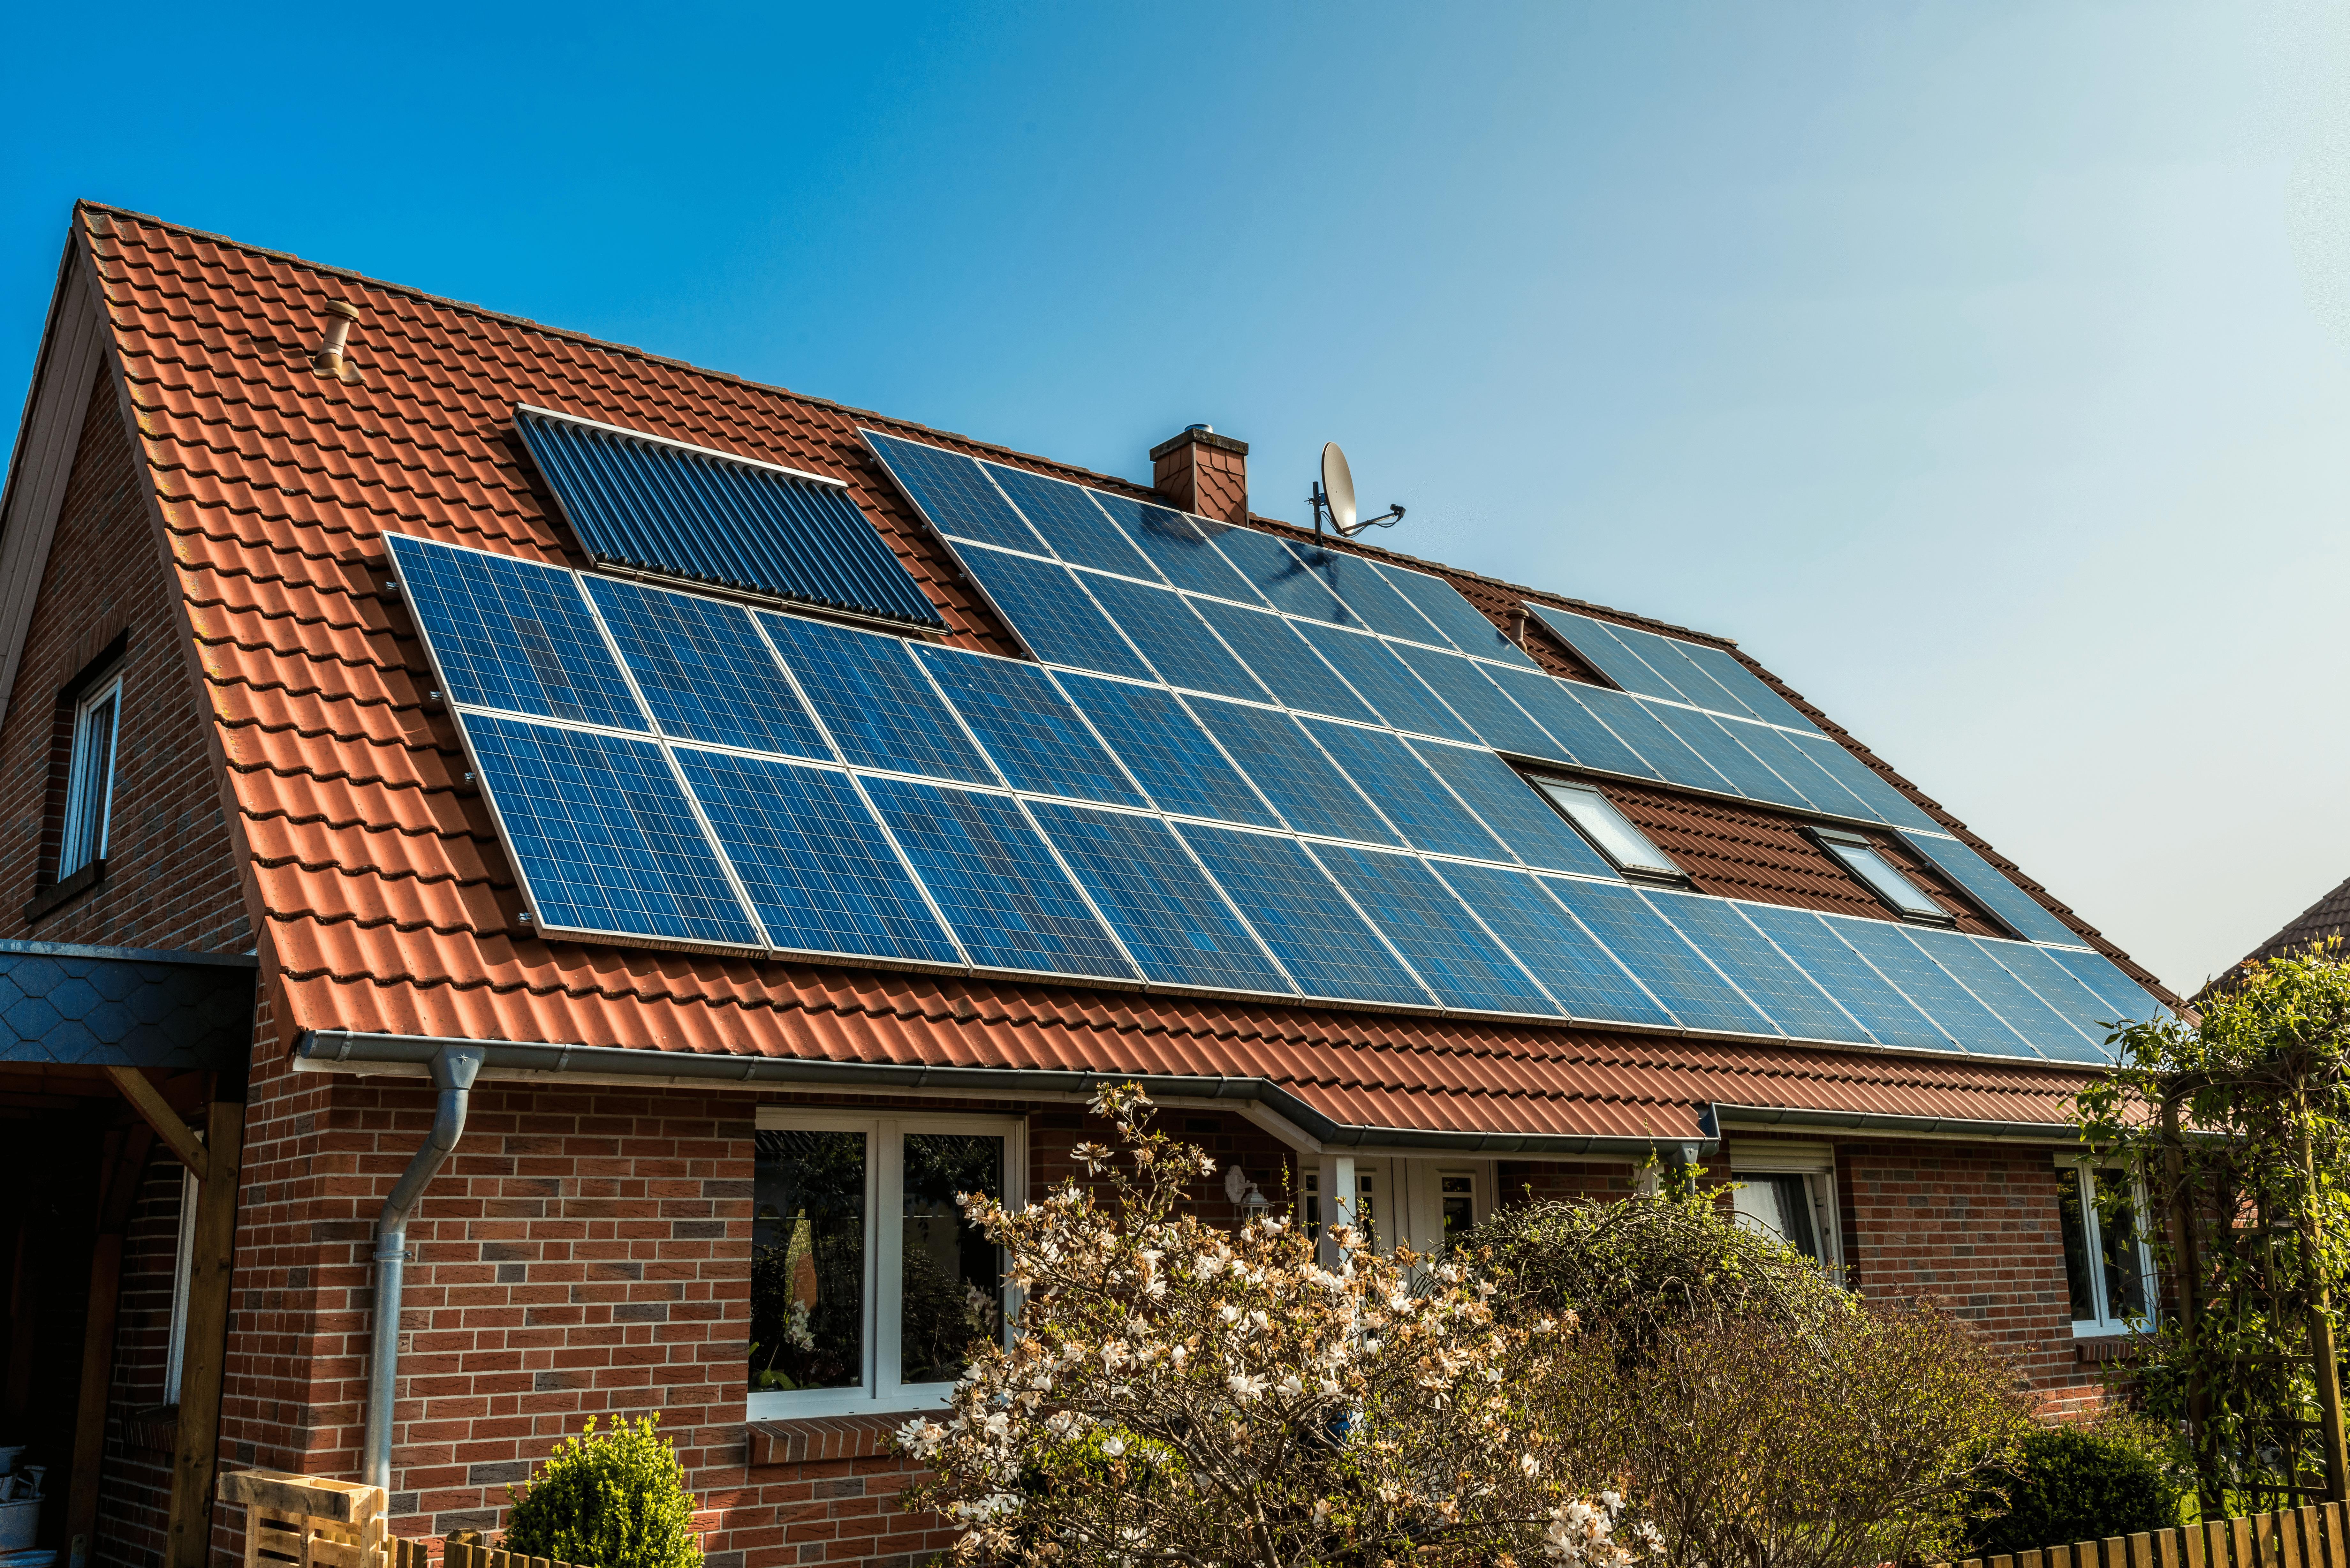 Vendere Energia Elettrica Da Fotovoltaico 5 errori da non fare quando acquisti un impianto